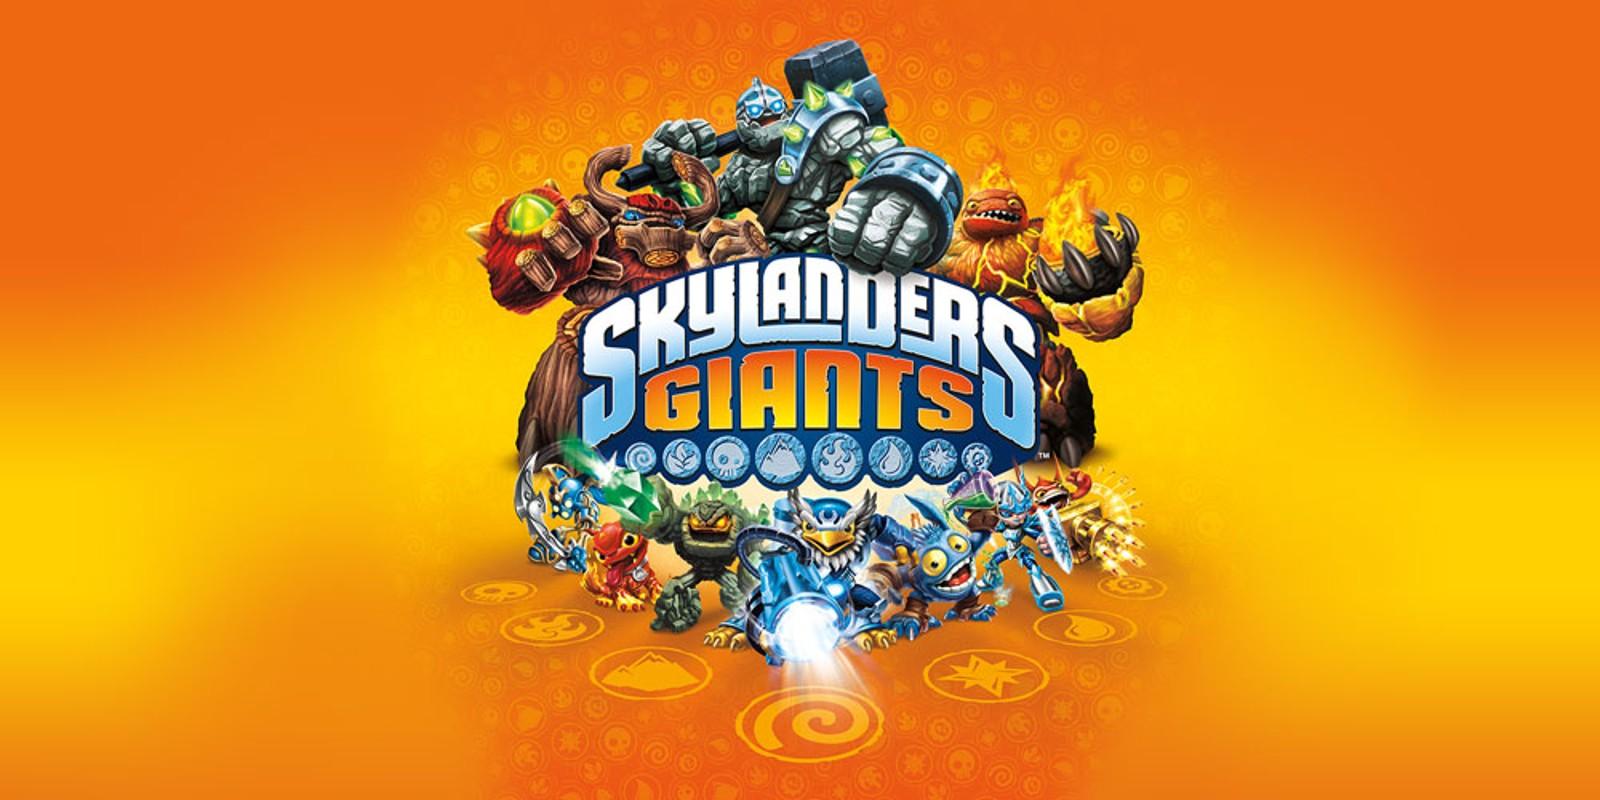 Fire Wallpaper Hd Skylanders Giants Wii U Games Nintendo